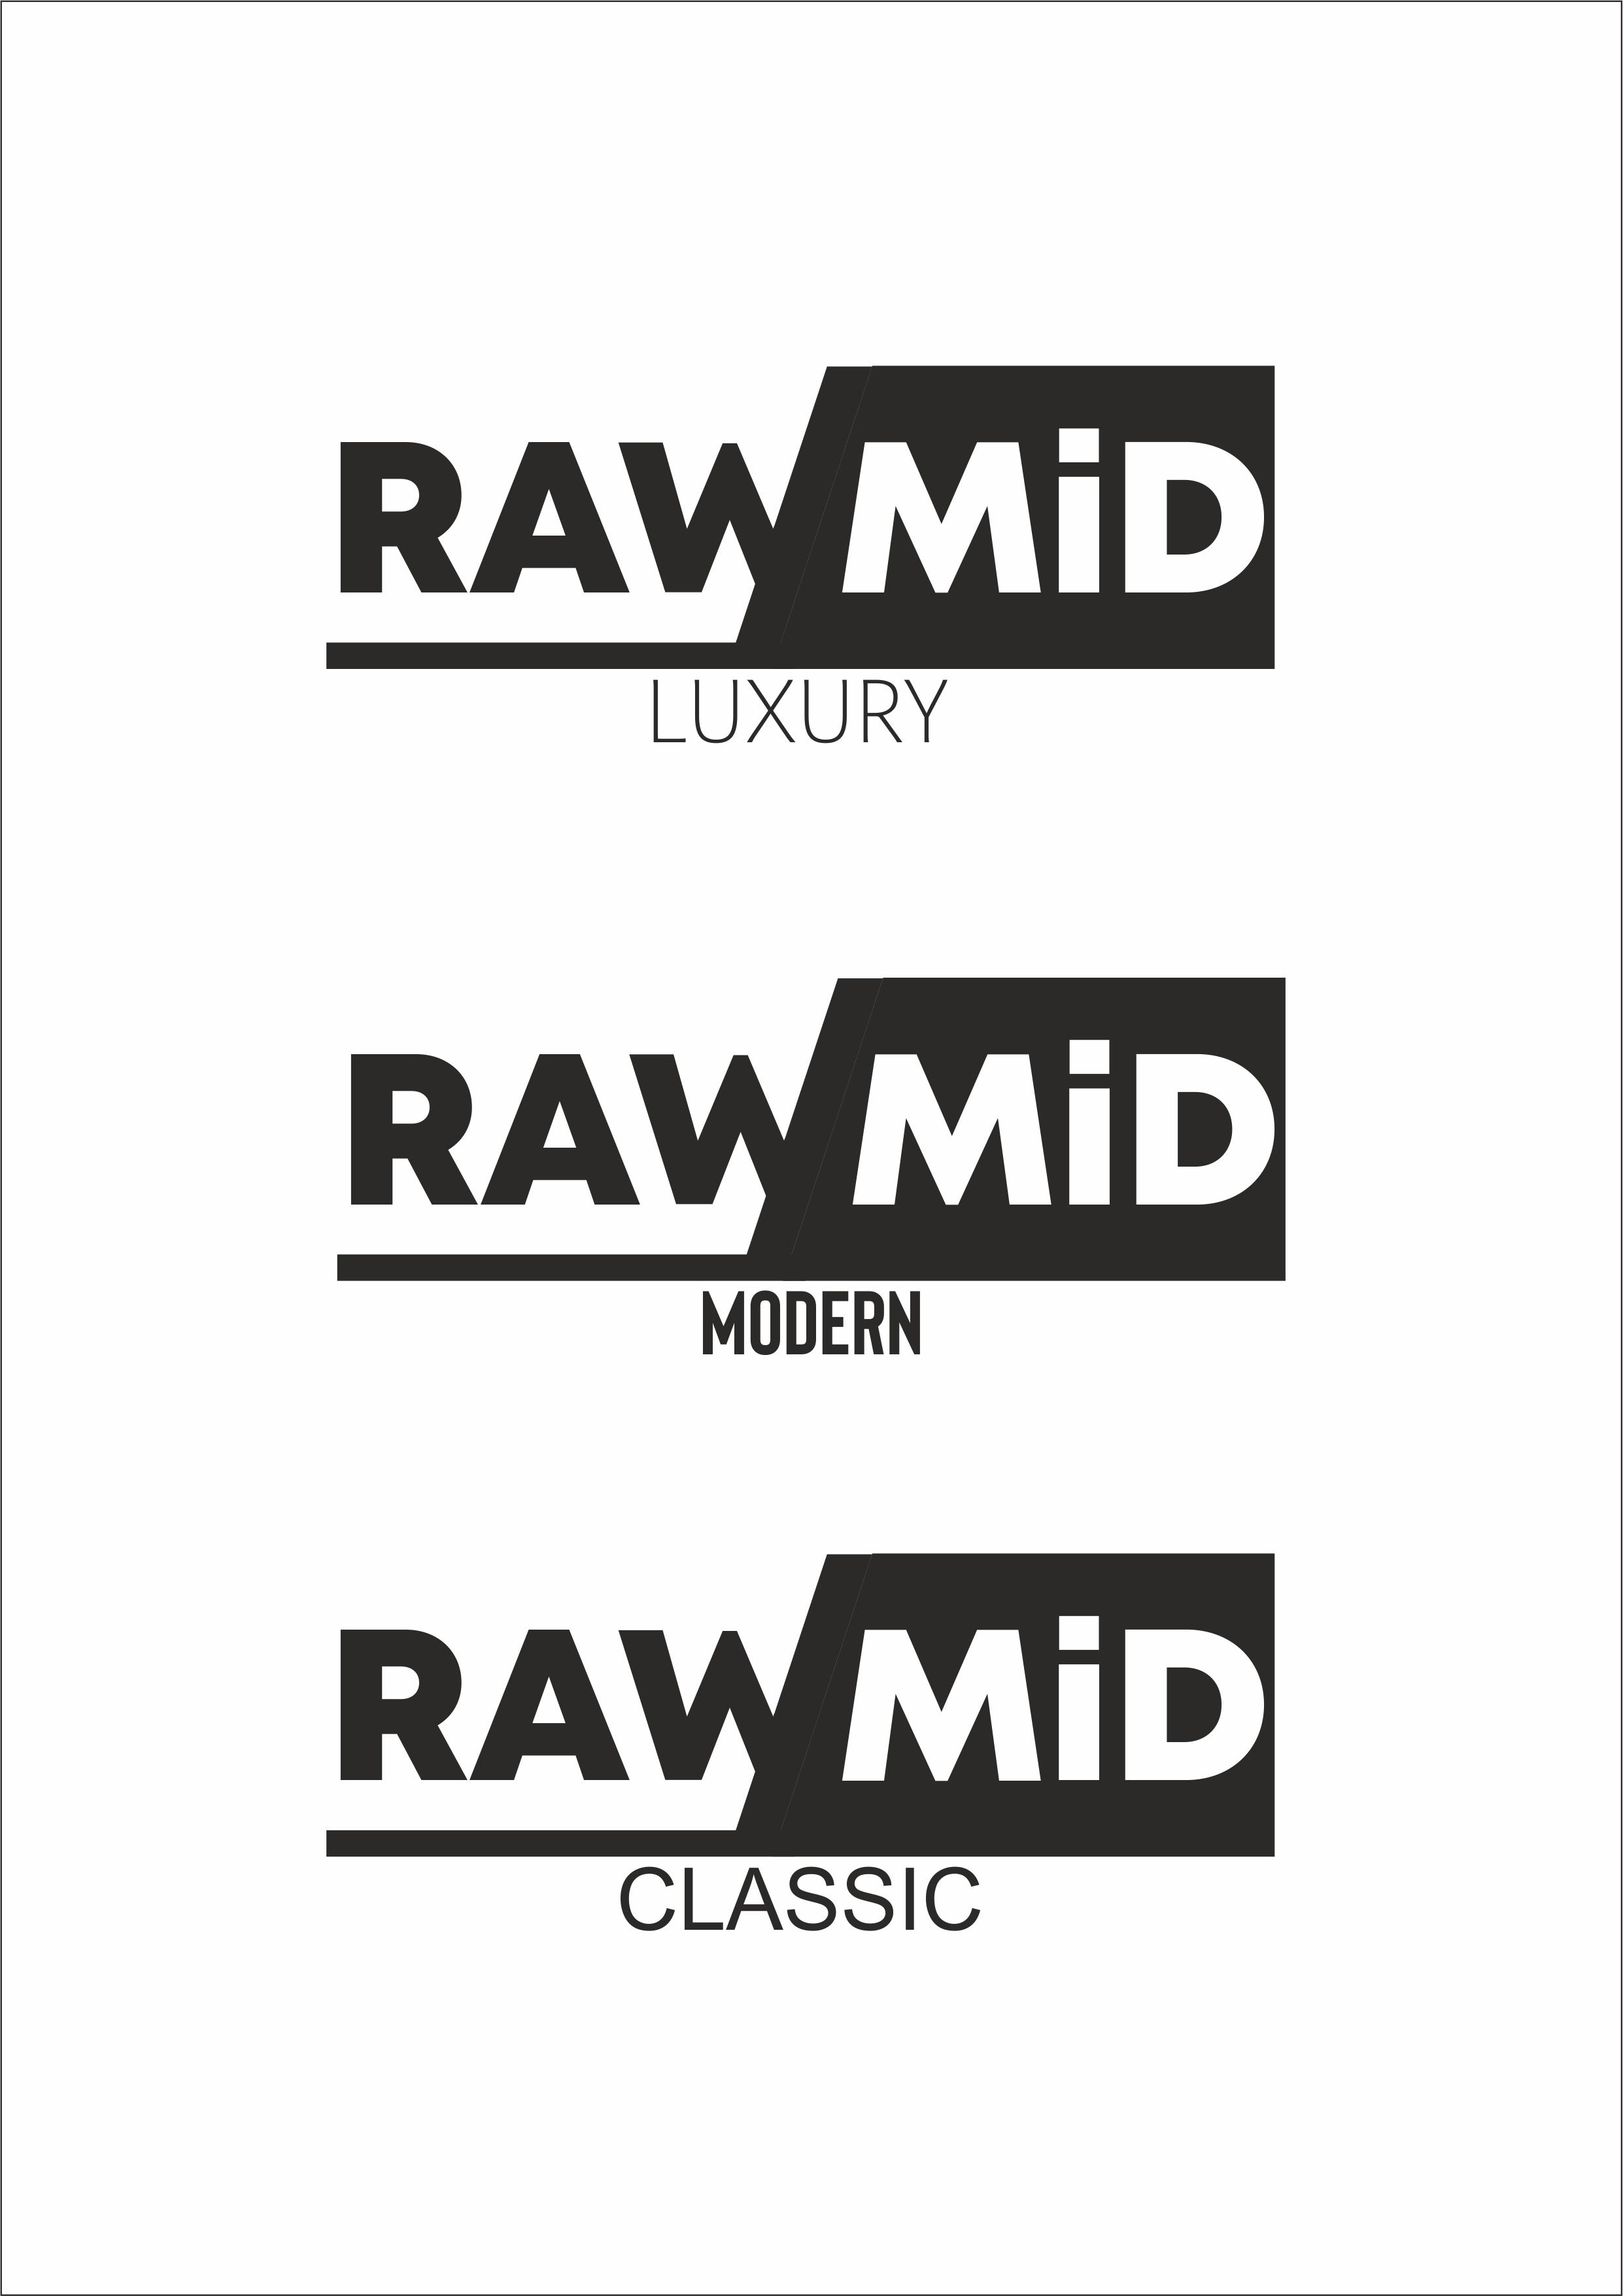 Создать логотип (буквенная часть) для бренда бытовой техники фото f_2825b337ef4e025c.jpg